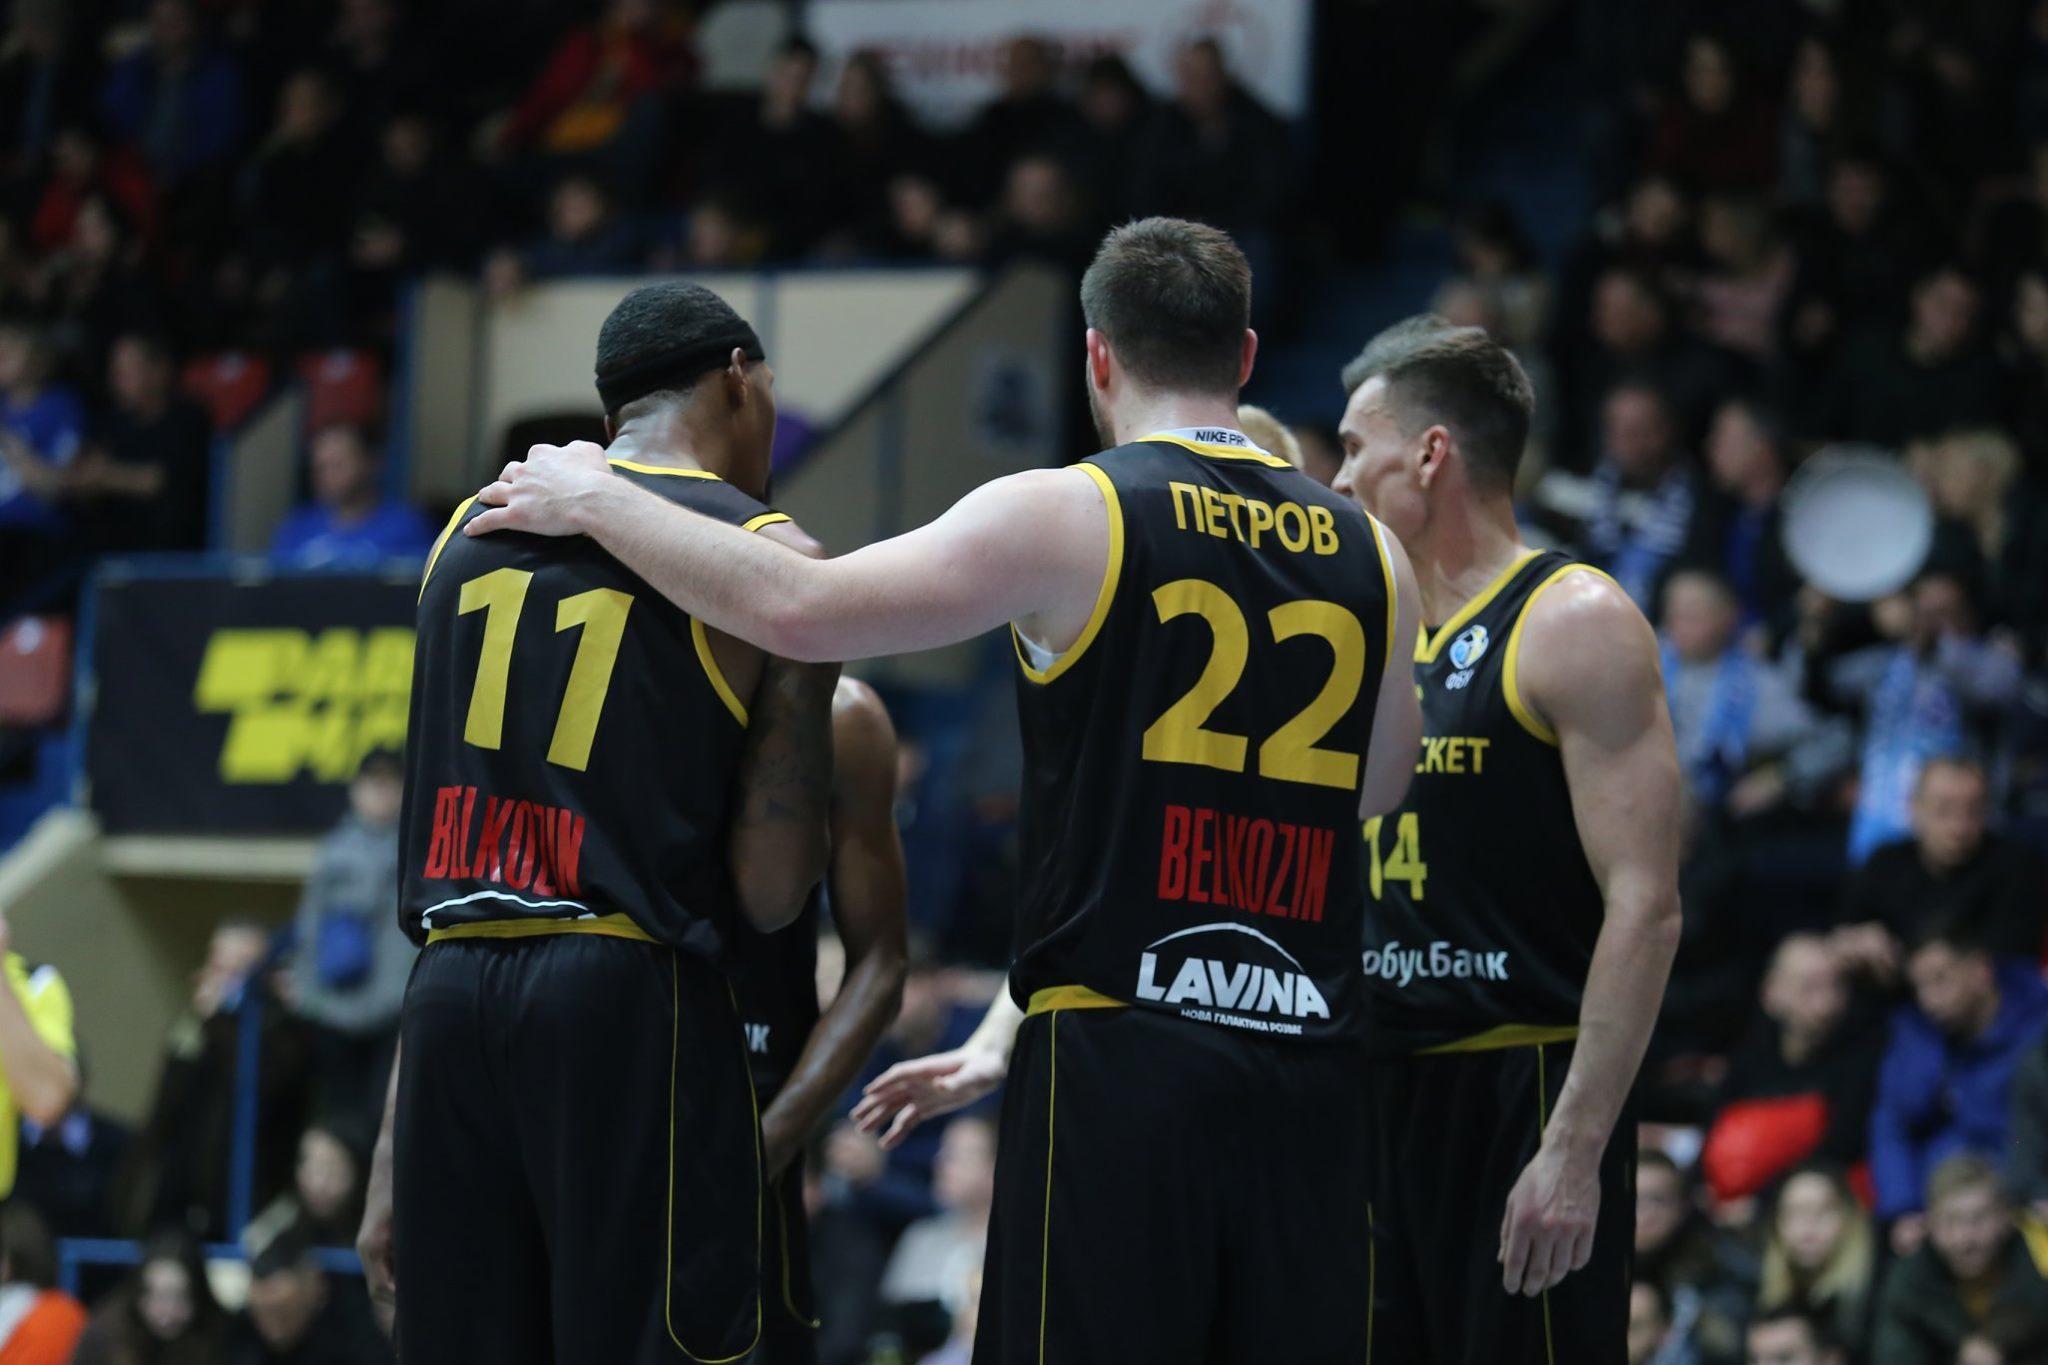 Вентспілс — Київ-Баскет: відеотрансляція матчу Кубка Європи FIBA